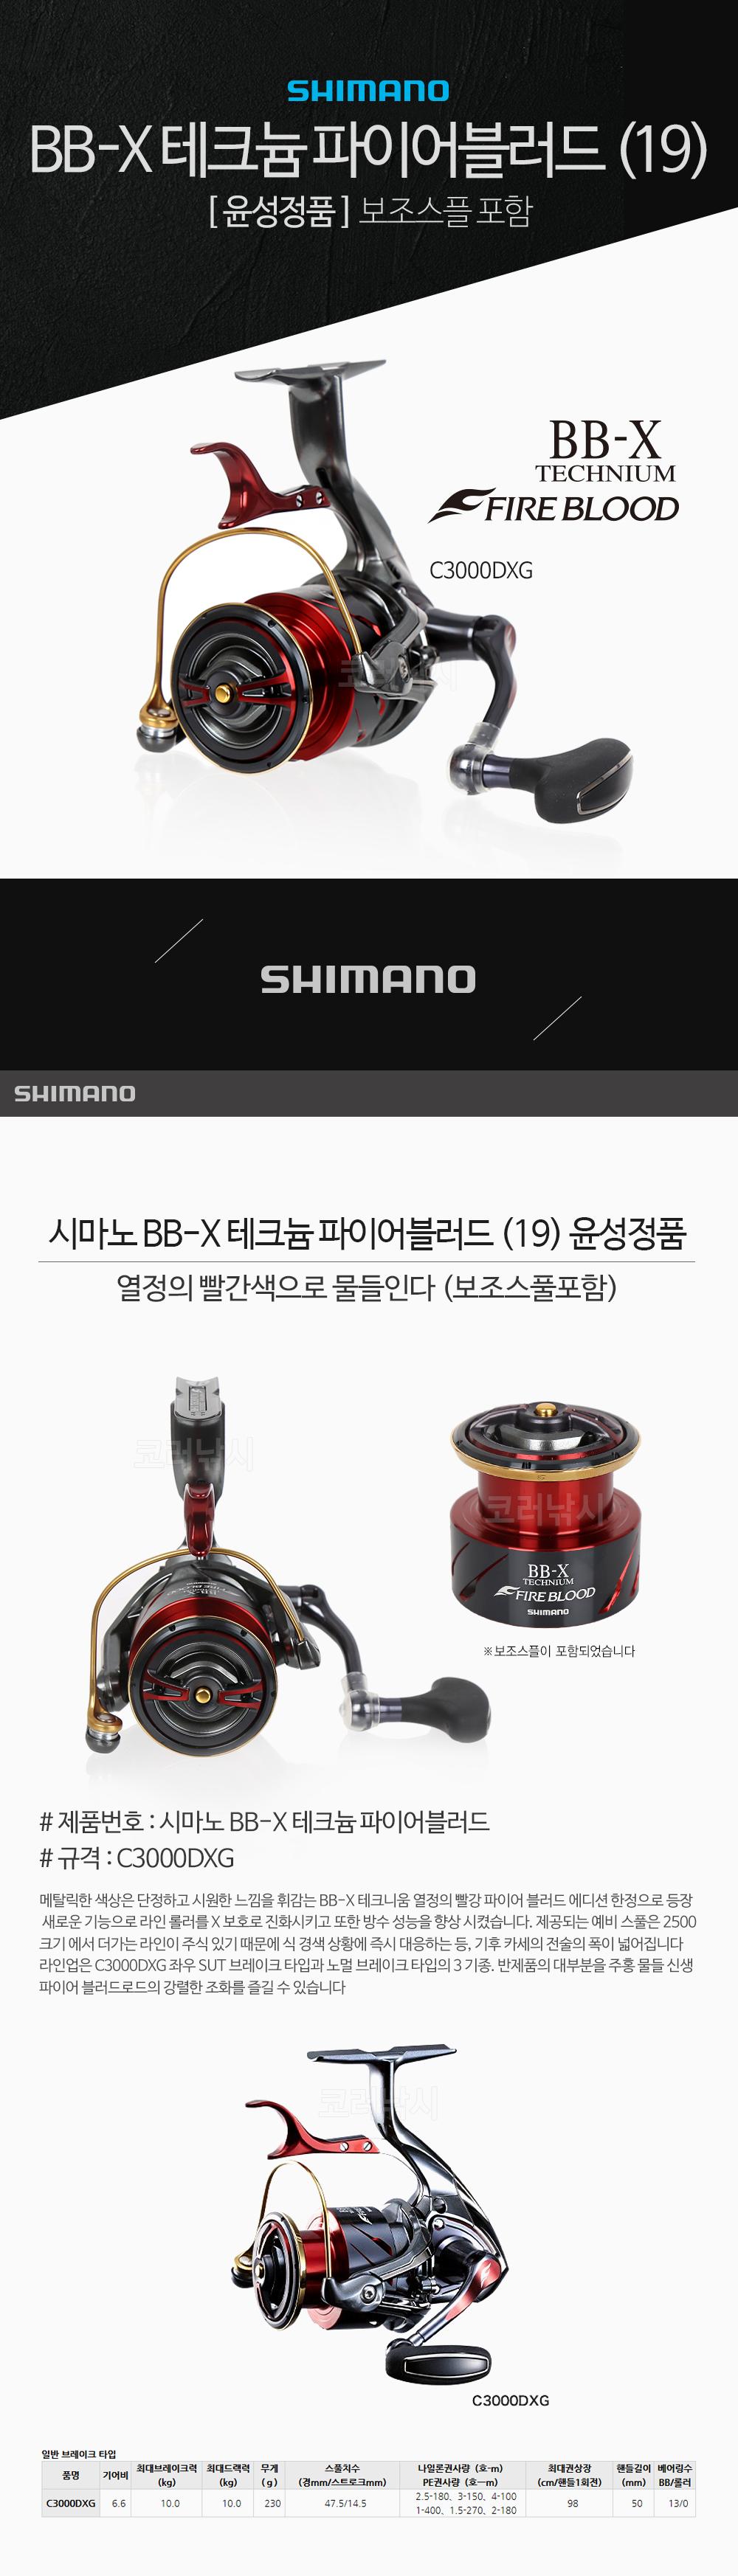 시마노 BB-X 테크늄 파이어블러드 (19) 윤성정품 보조스플 보함 비비엑스 브레이크릴 파블 테크늄파블